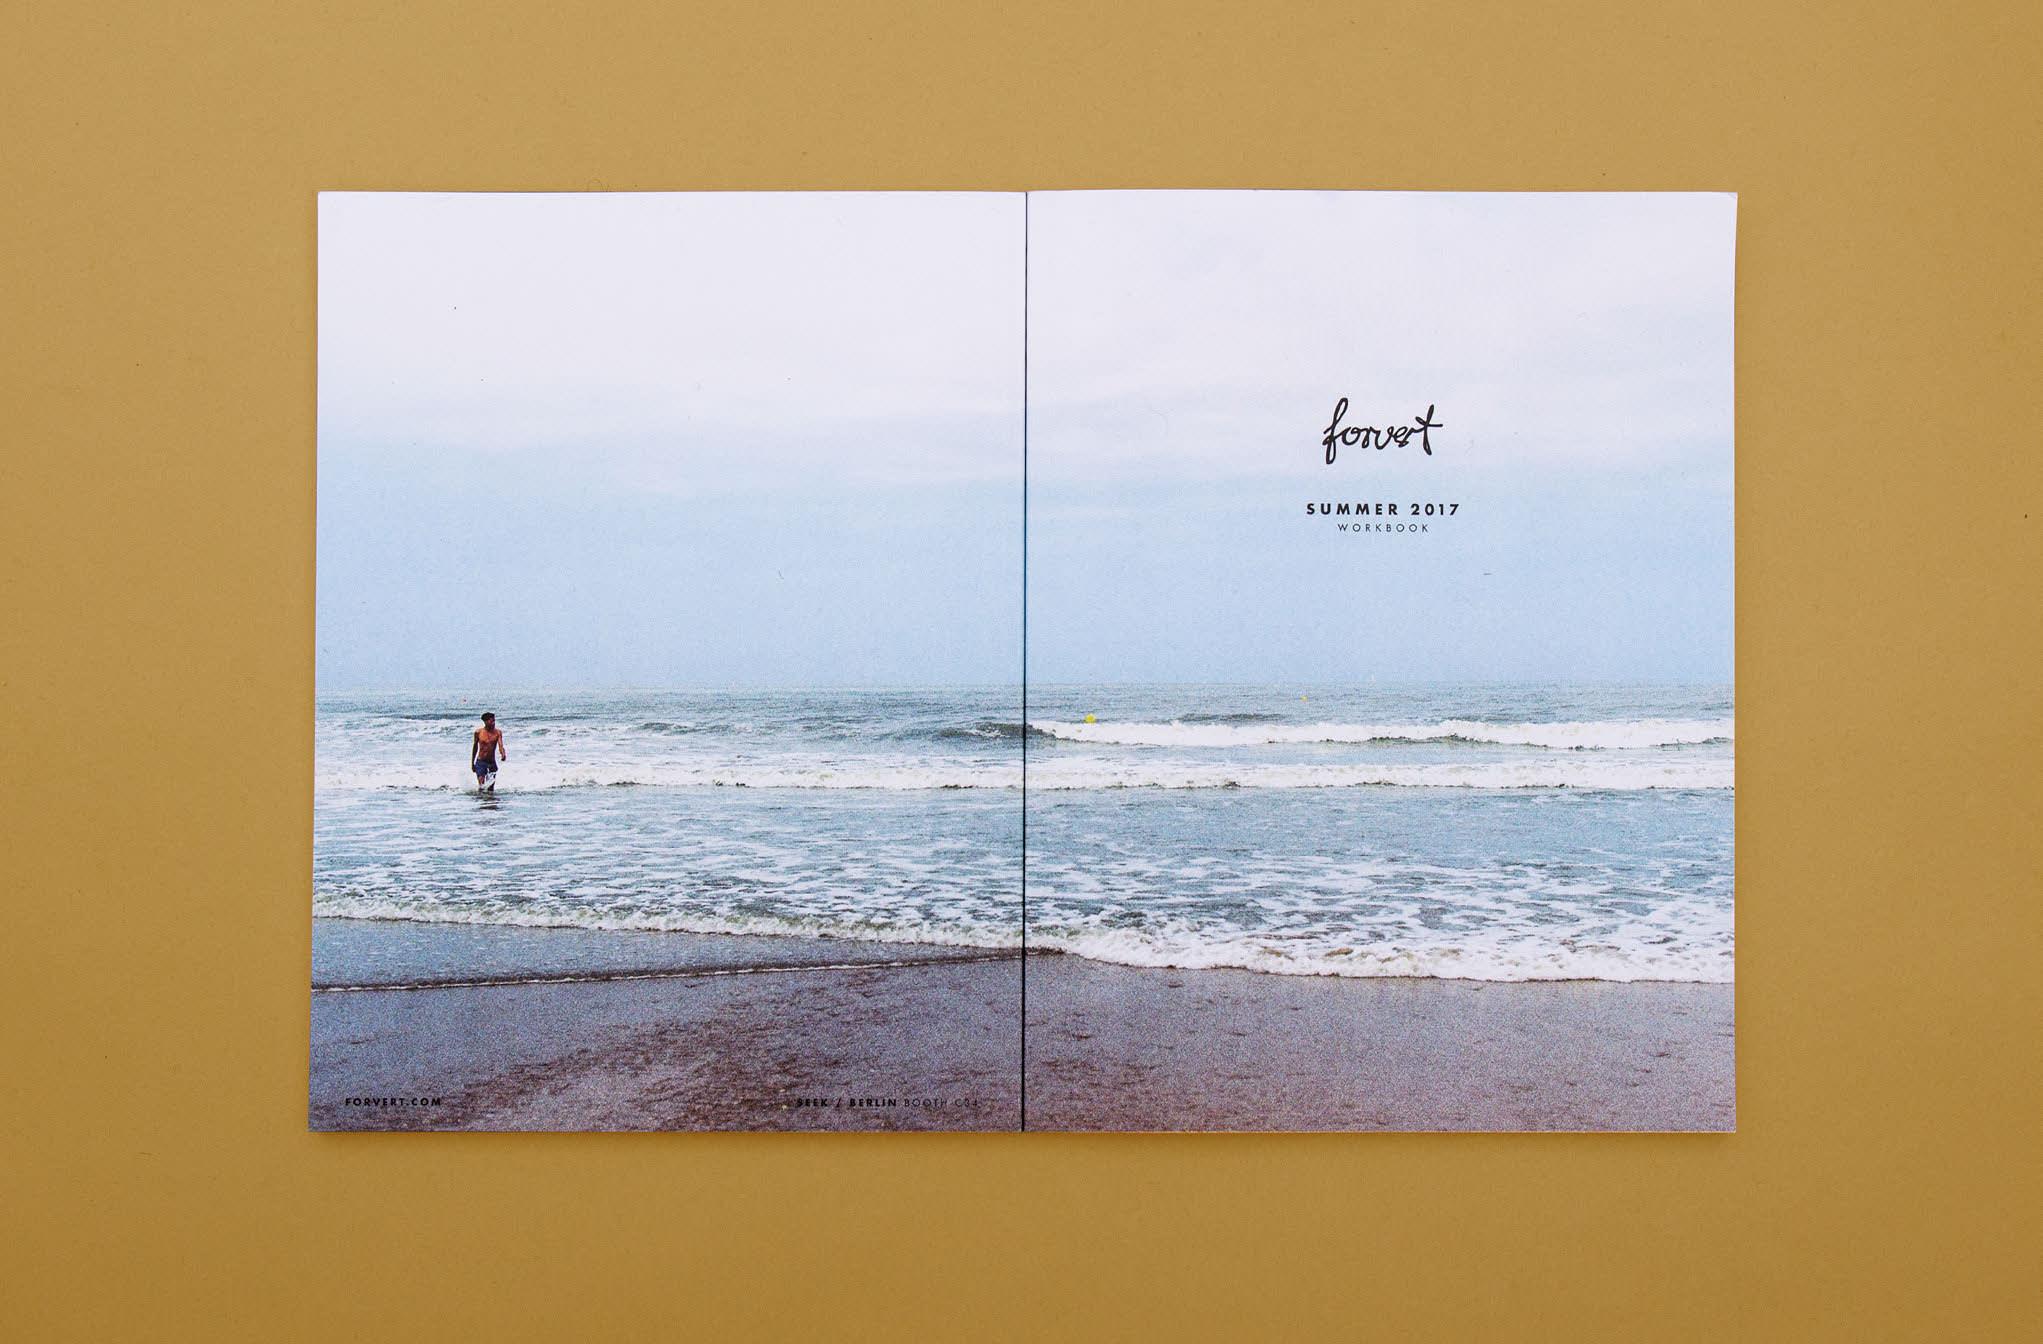 Editorial Design für forvert aus Köln von den sons of ipanema, einer Corporate Design Agentur aus Köln